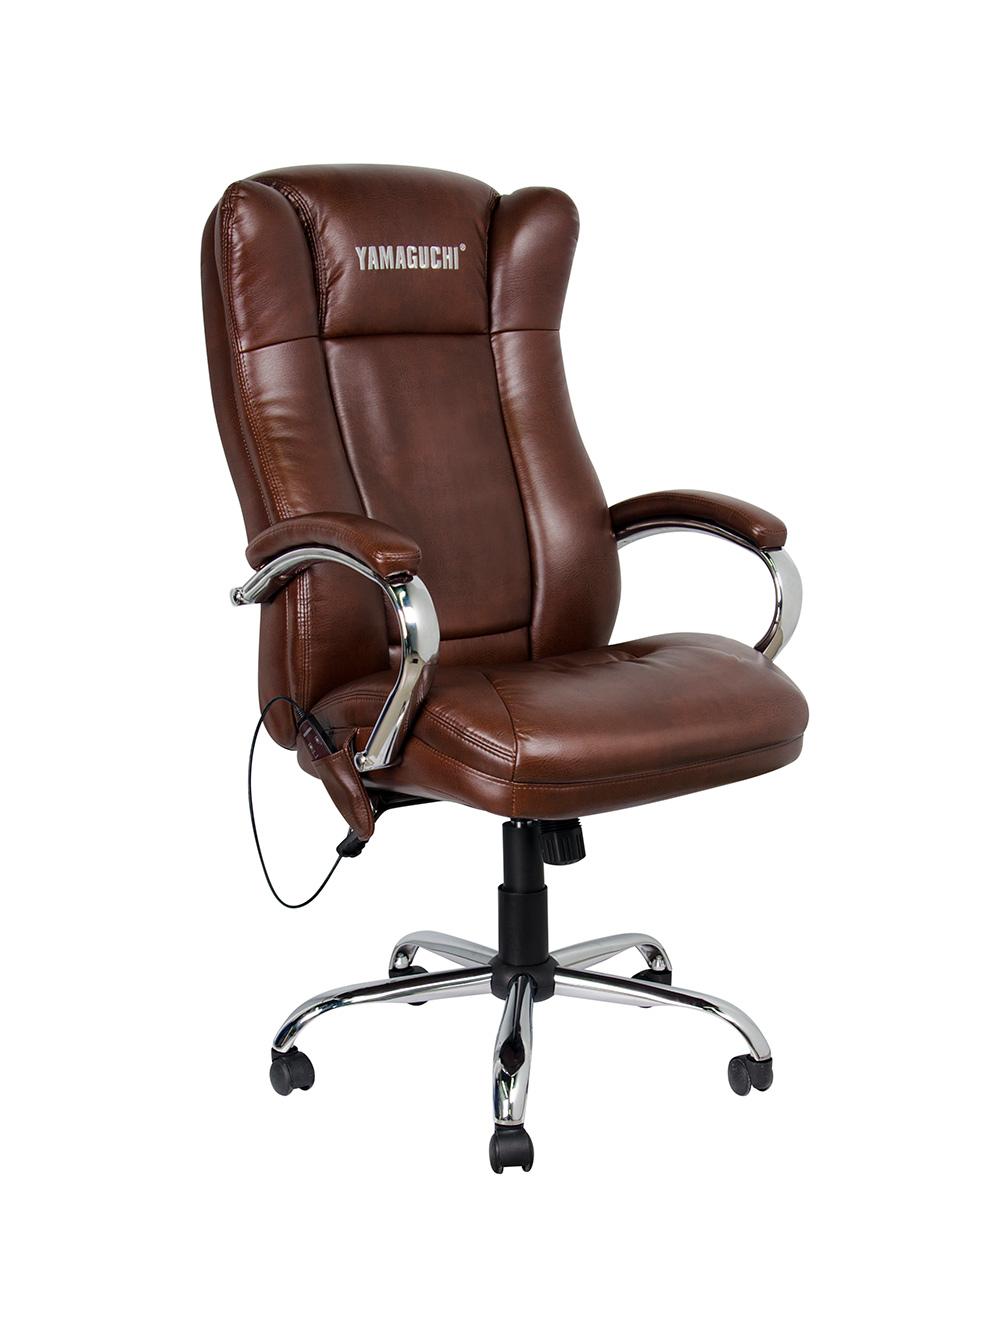 массажер в офисное кресло